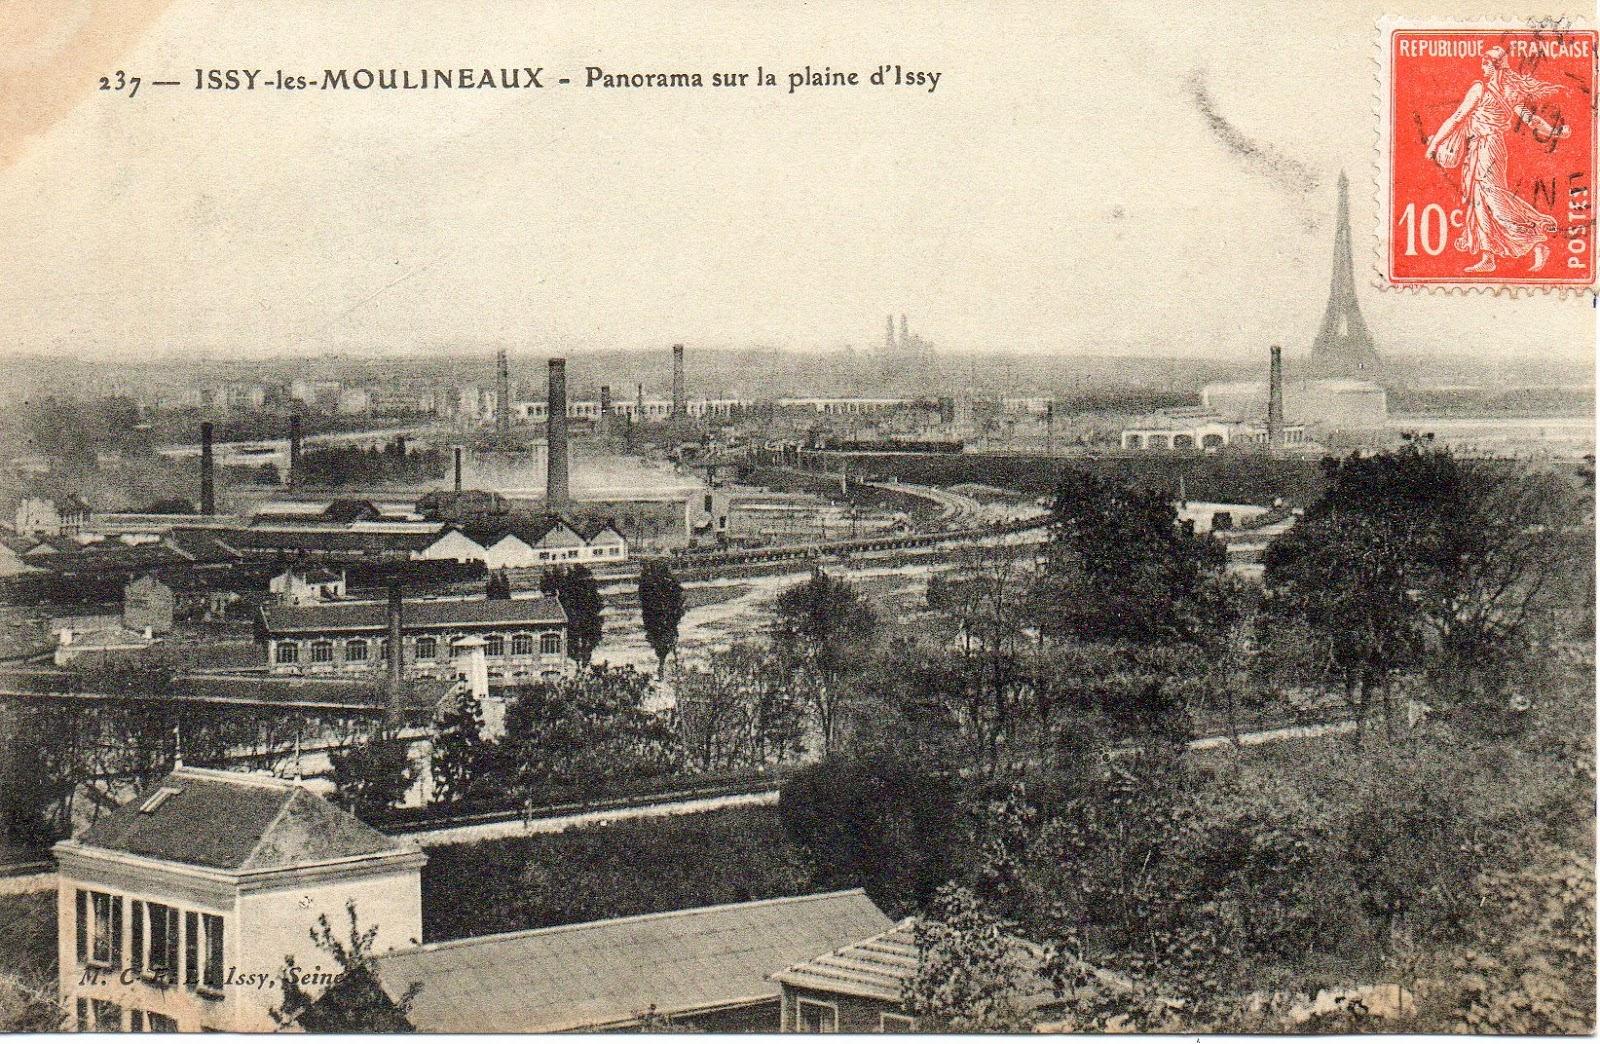 Issy seine blog m tamorphose d 39 issy les moulineaux d sinsdustrialisation re industrialisation - Piscine d issy les moulineaux ...